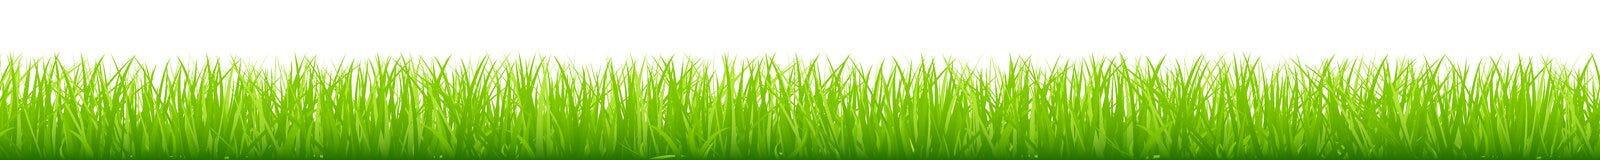 Grafische gerade grüne Wiesen-lange horizontale Fahne lizenzfreie abbildung